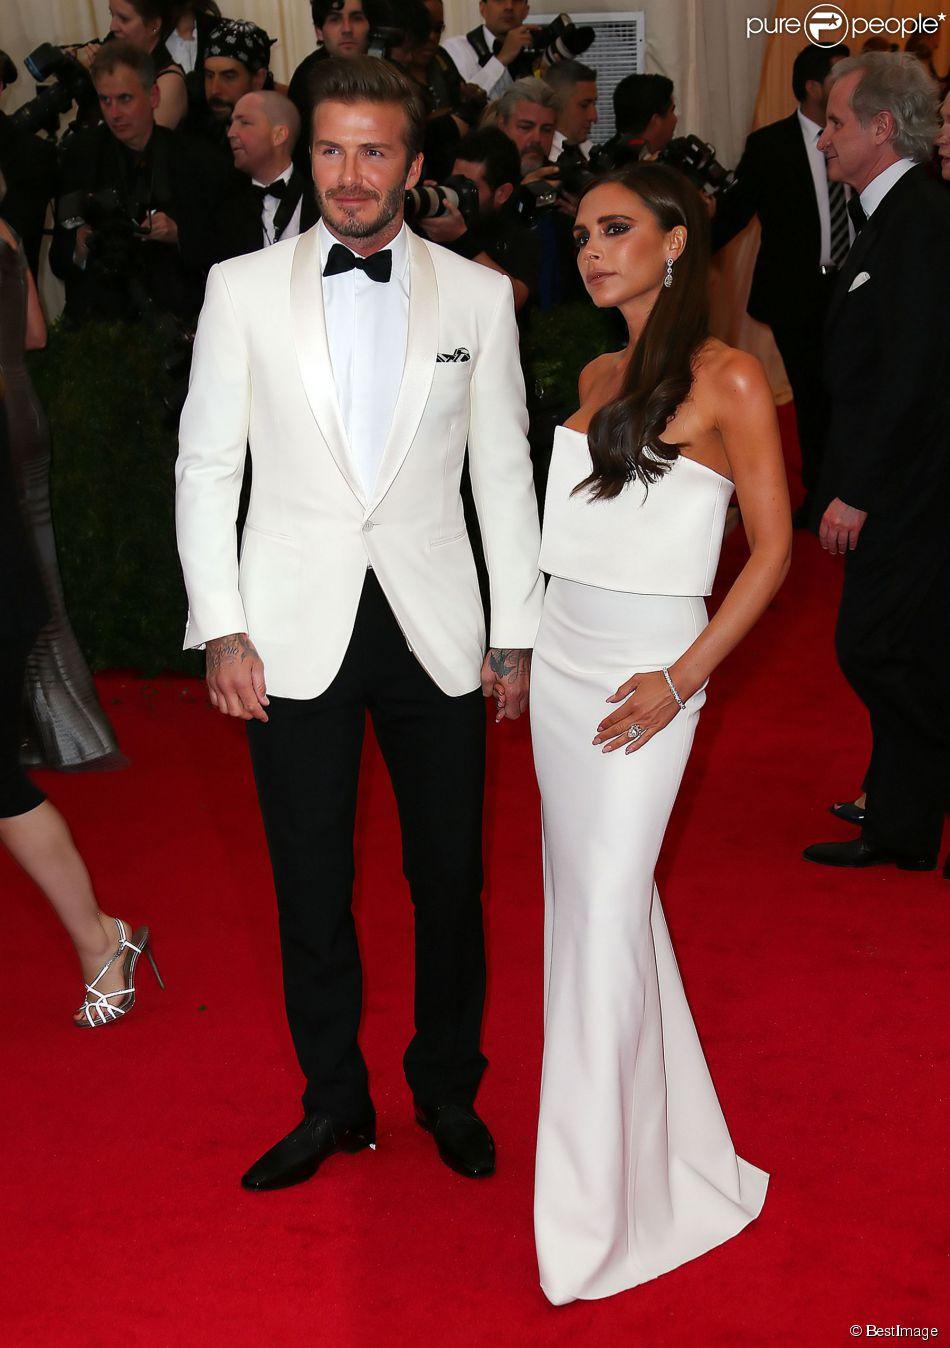 Victoria Beckham et son époux David ont fait sensation à leur arrivée au Met Gala à New York le 5 mai 2014. Le couple, très assorti, a fait le spectacle.